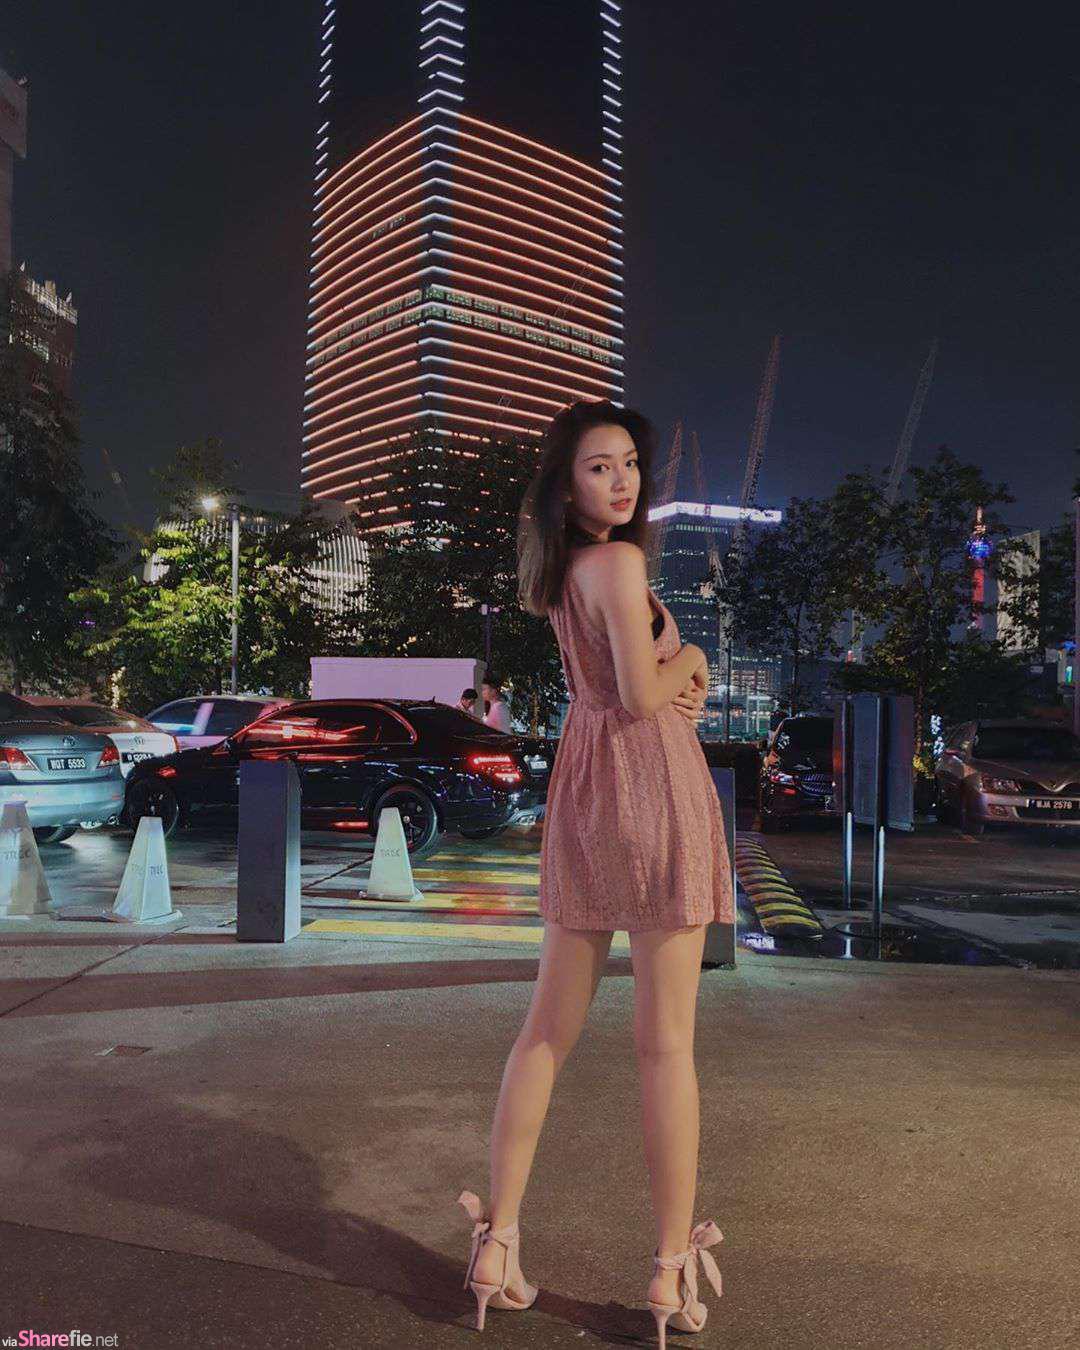 大马夜晚街头遇见长腿正妹,转身的那一刻,网友:我要恋爱了